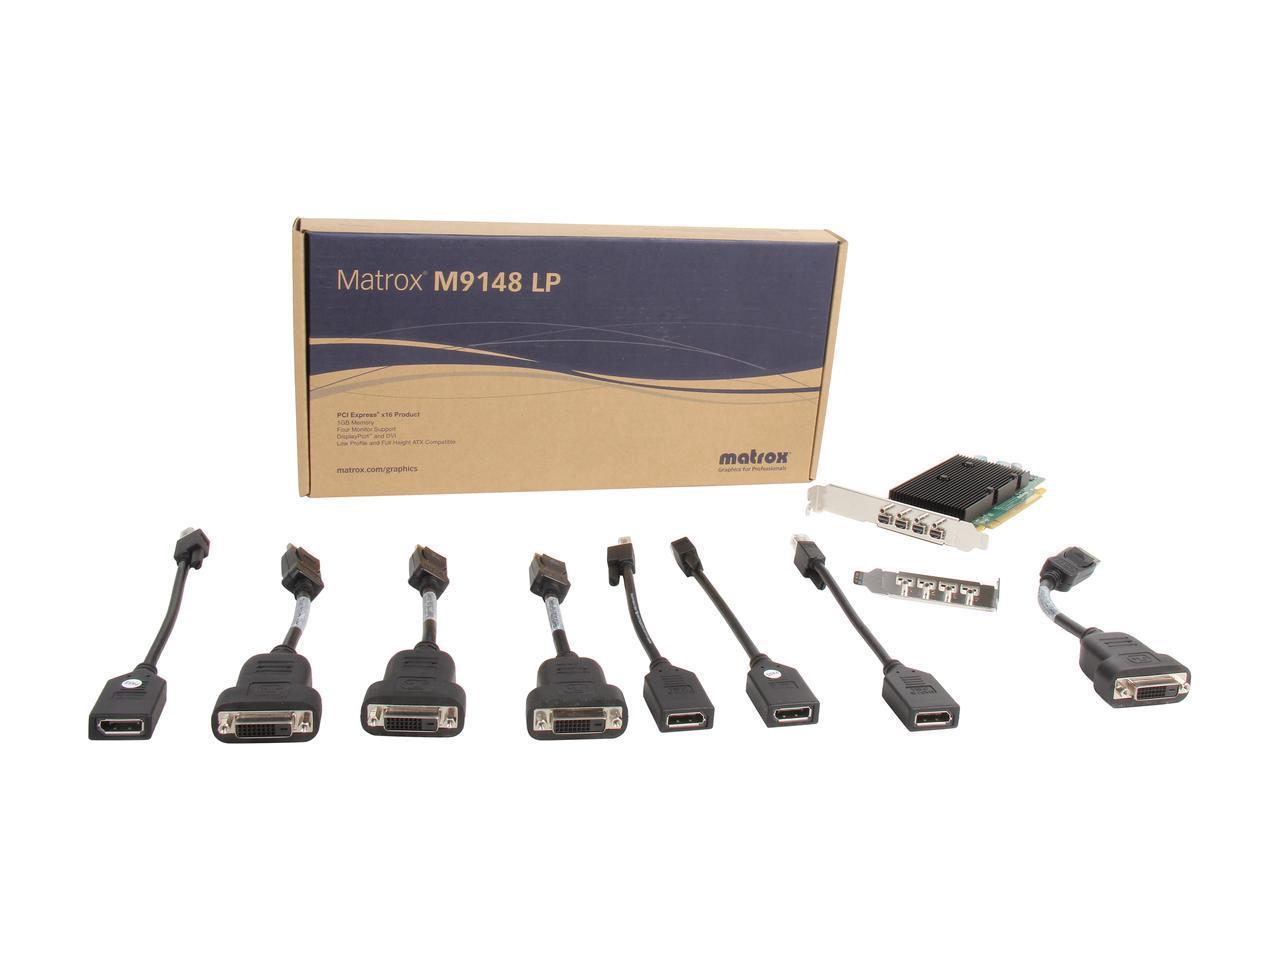 Видео карта MATROX M9148-E1024LAF LP PCIe x16, 4 x mini DP